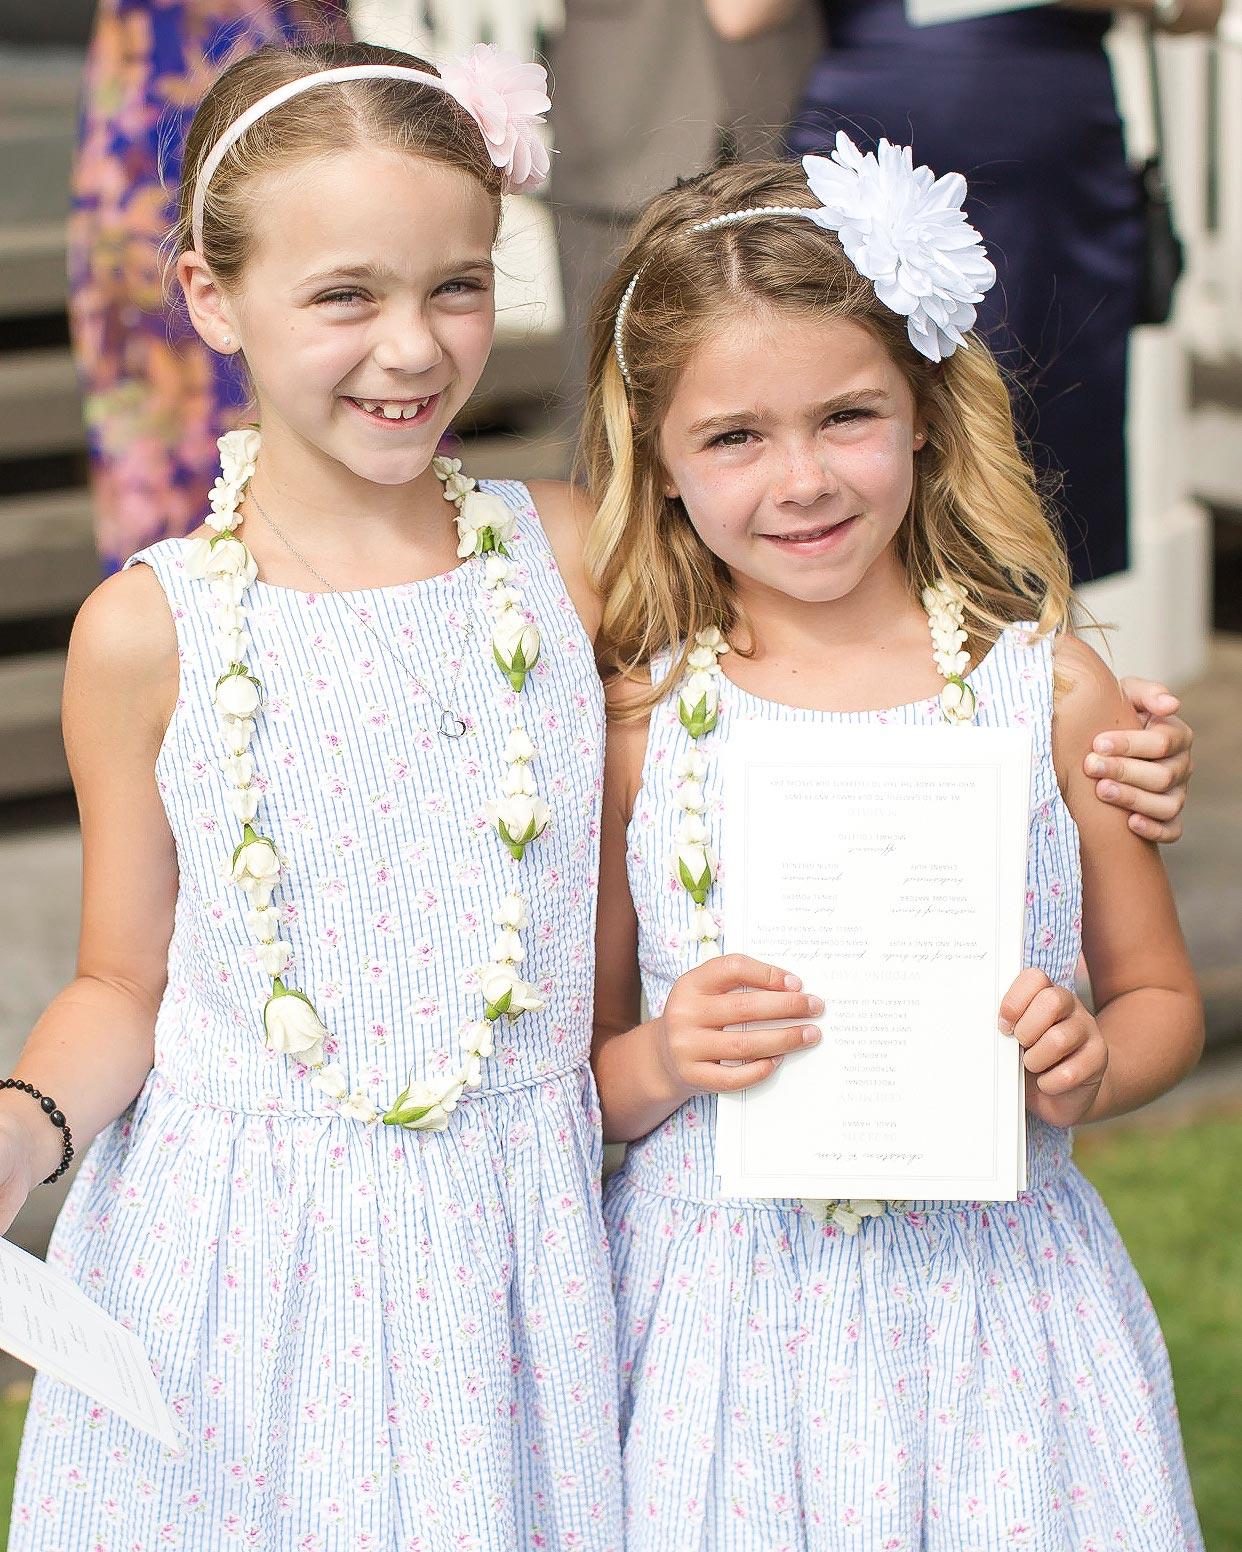 christen-tim-wedding-flowergirls-21561-6143924-0816.jpg